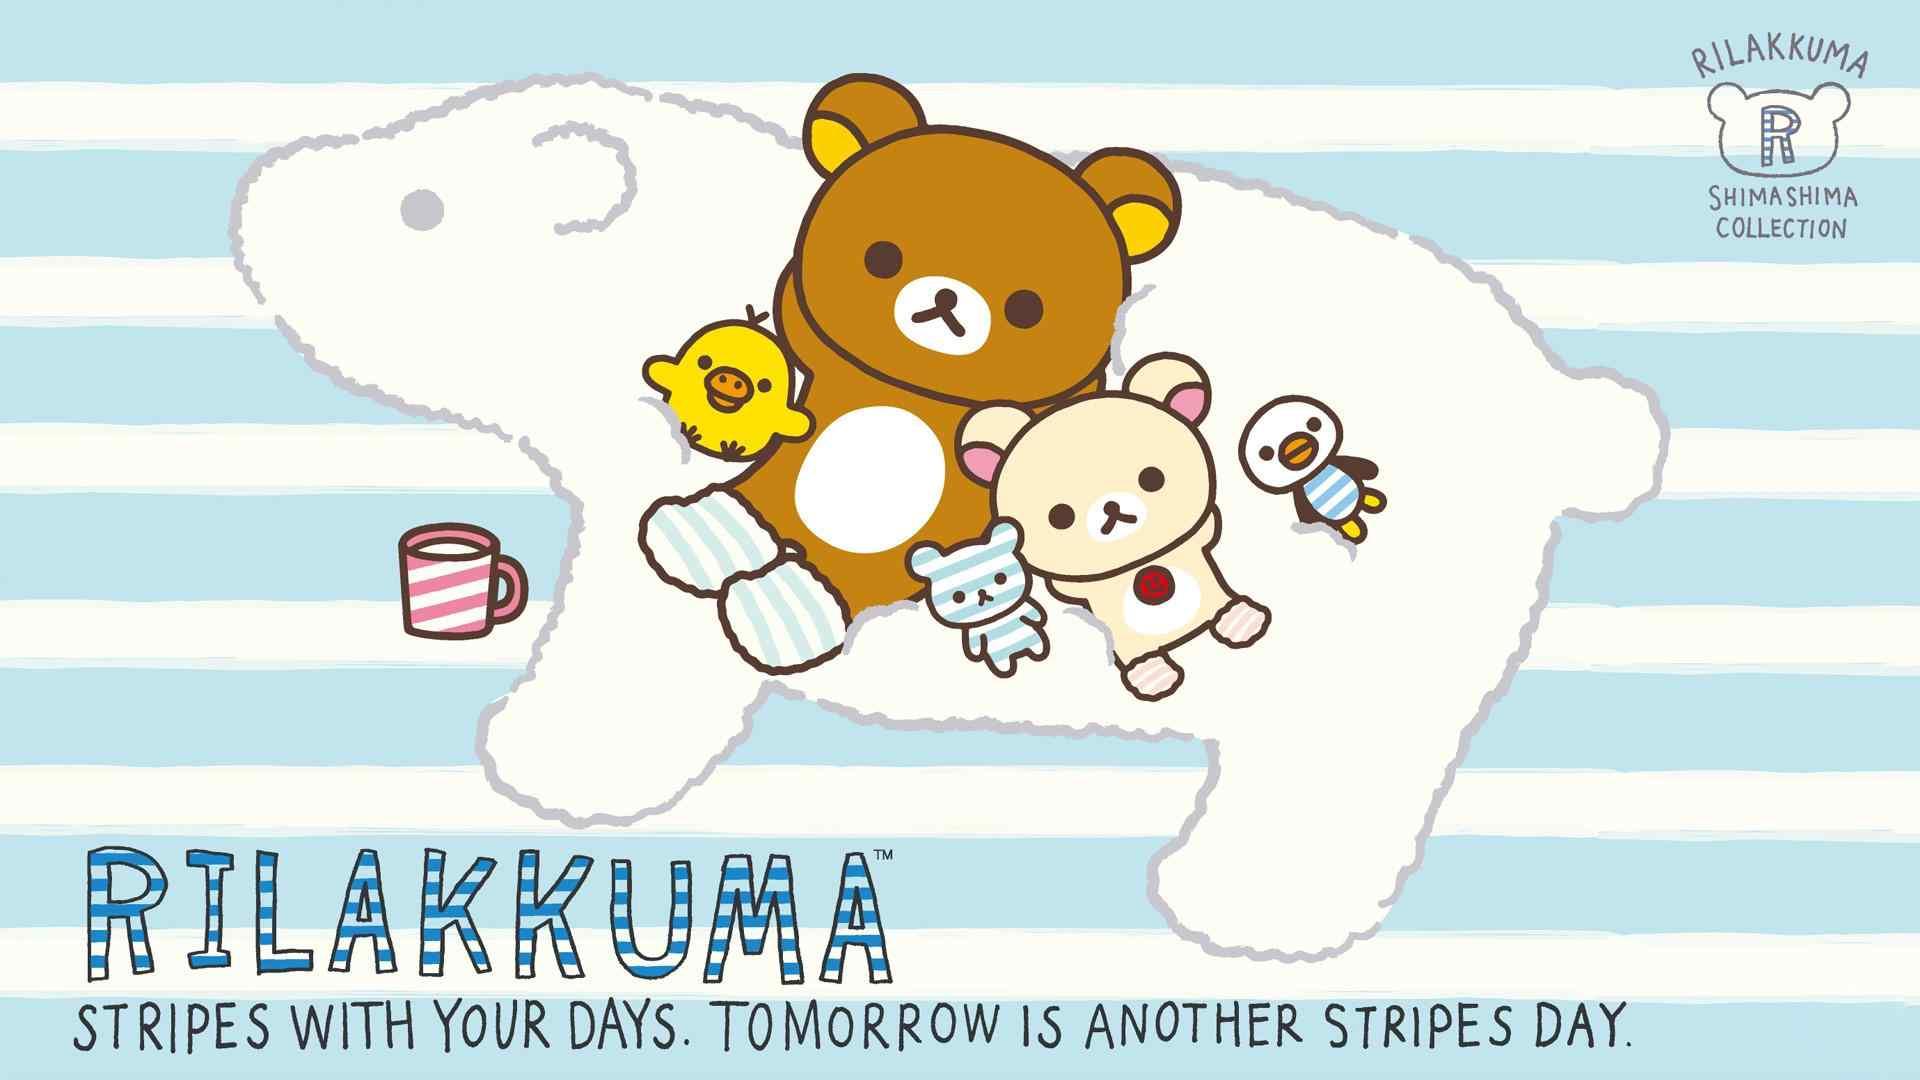 Cute Kawaii Wallpaper Hd 轻松熊和牛奶熊可爱桌面壁纸 桌面天下(desktx Com)